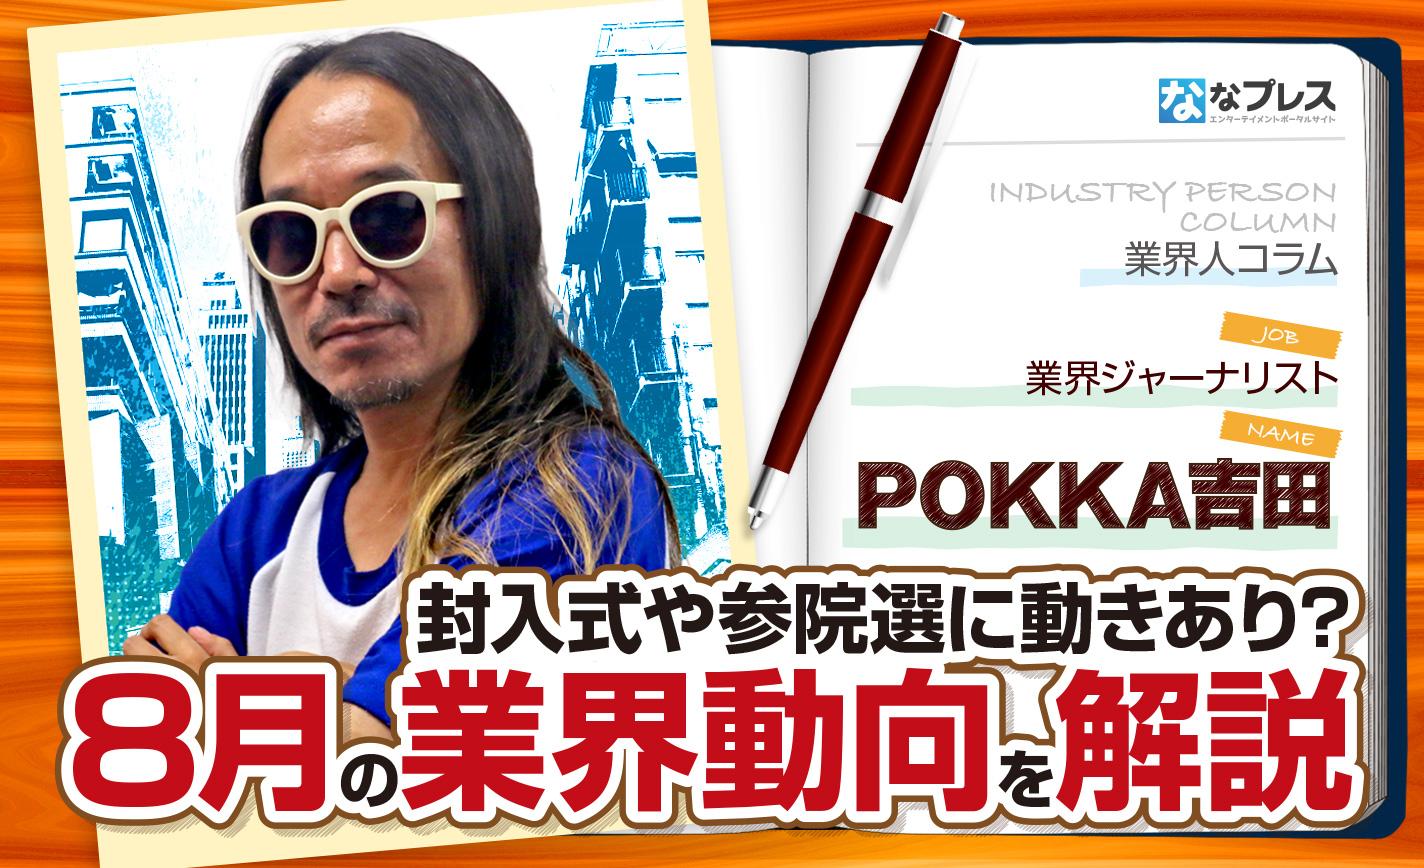 POKKA吉田が封入式や参院選など水面下で色々動きが見えた8月を振り返る eyecatch-image